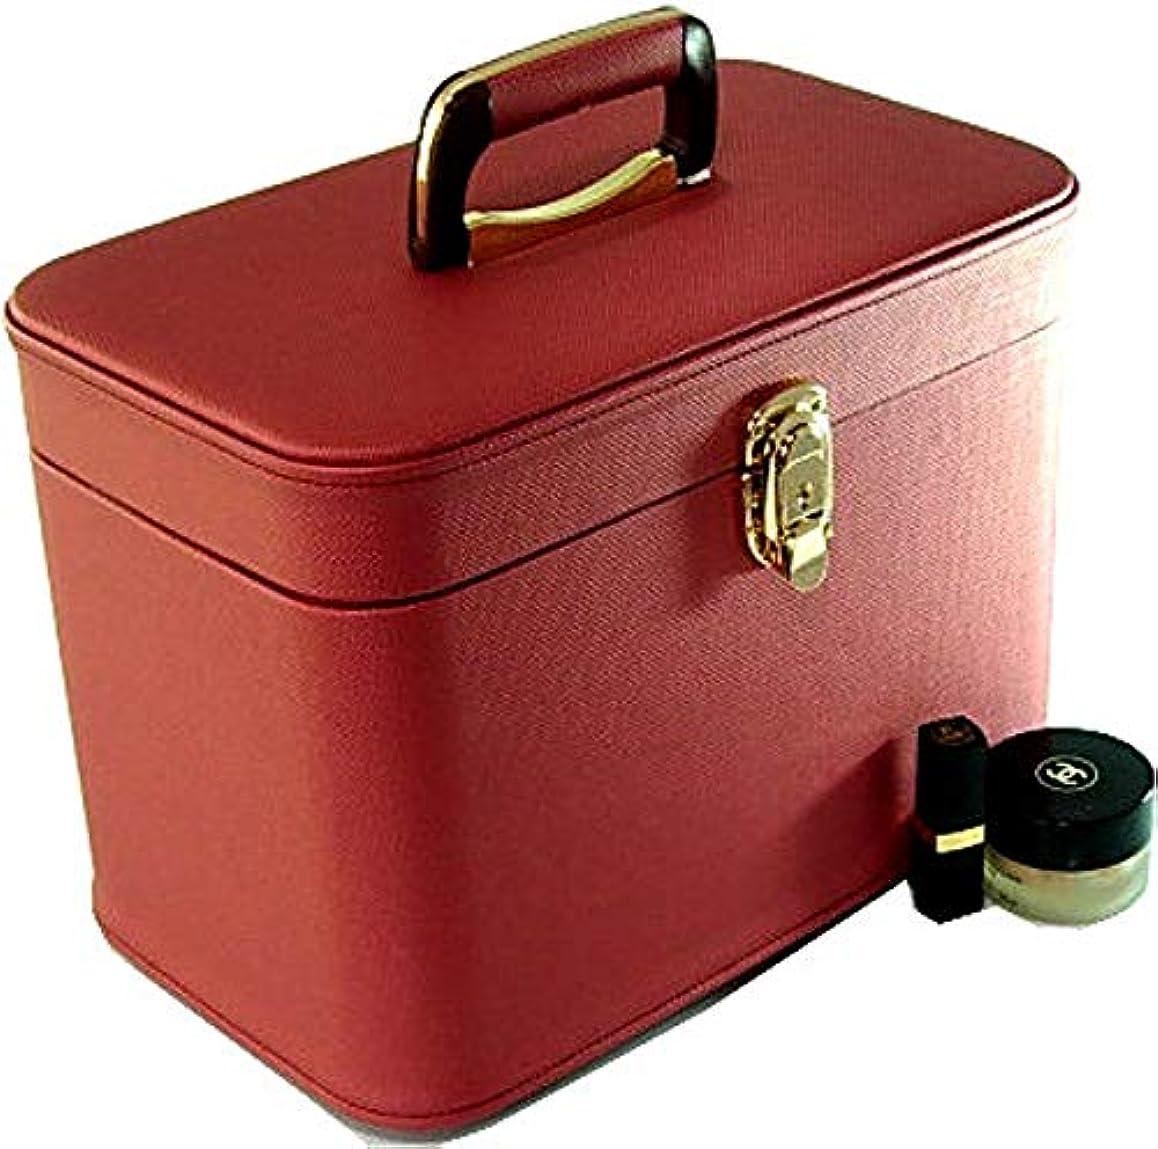 スリップシューズ信頼できる重力メイクボックス コスメボックス トリプルG2 33cm ヨコパールワイン 日本製,メイクアップボックス,トレンチケース,お化粧入れ,化粧雑貨,メーキャップボックス,化粧箱,かわいい,メイク道具箱,メイク雑貨,化粧ボックス